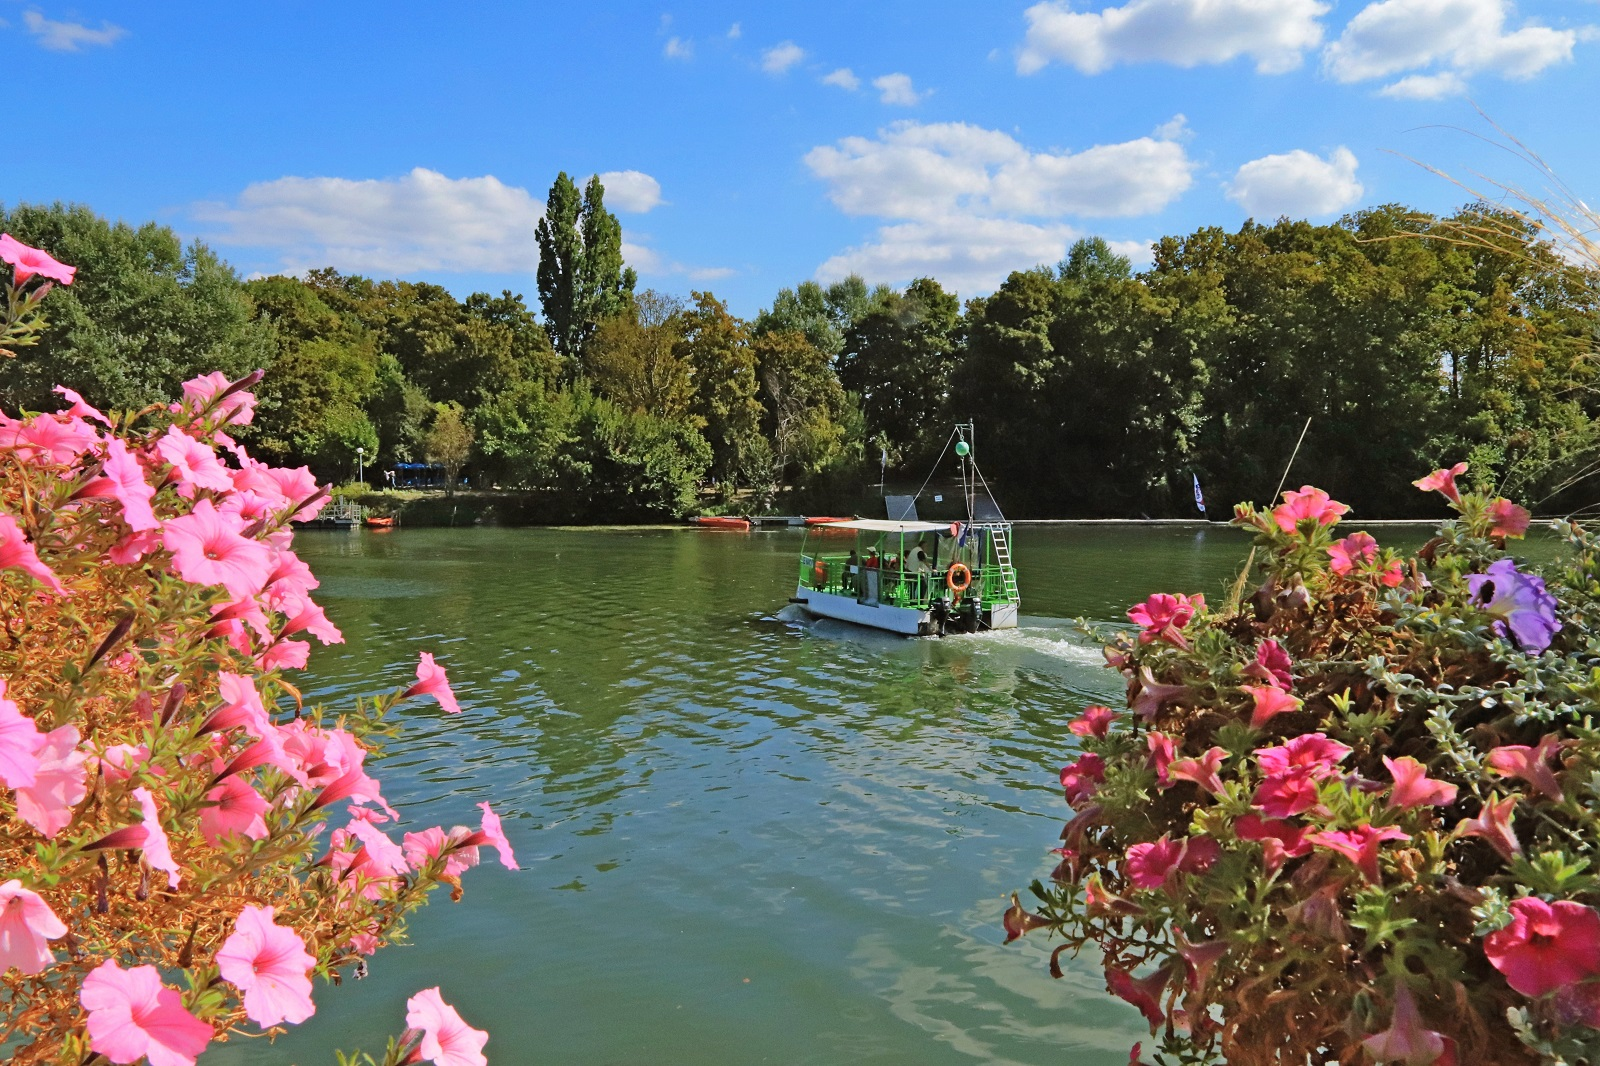 Fleurs, fleuve, arbres et bateau